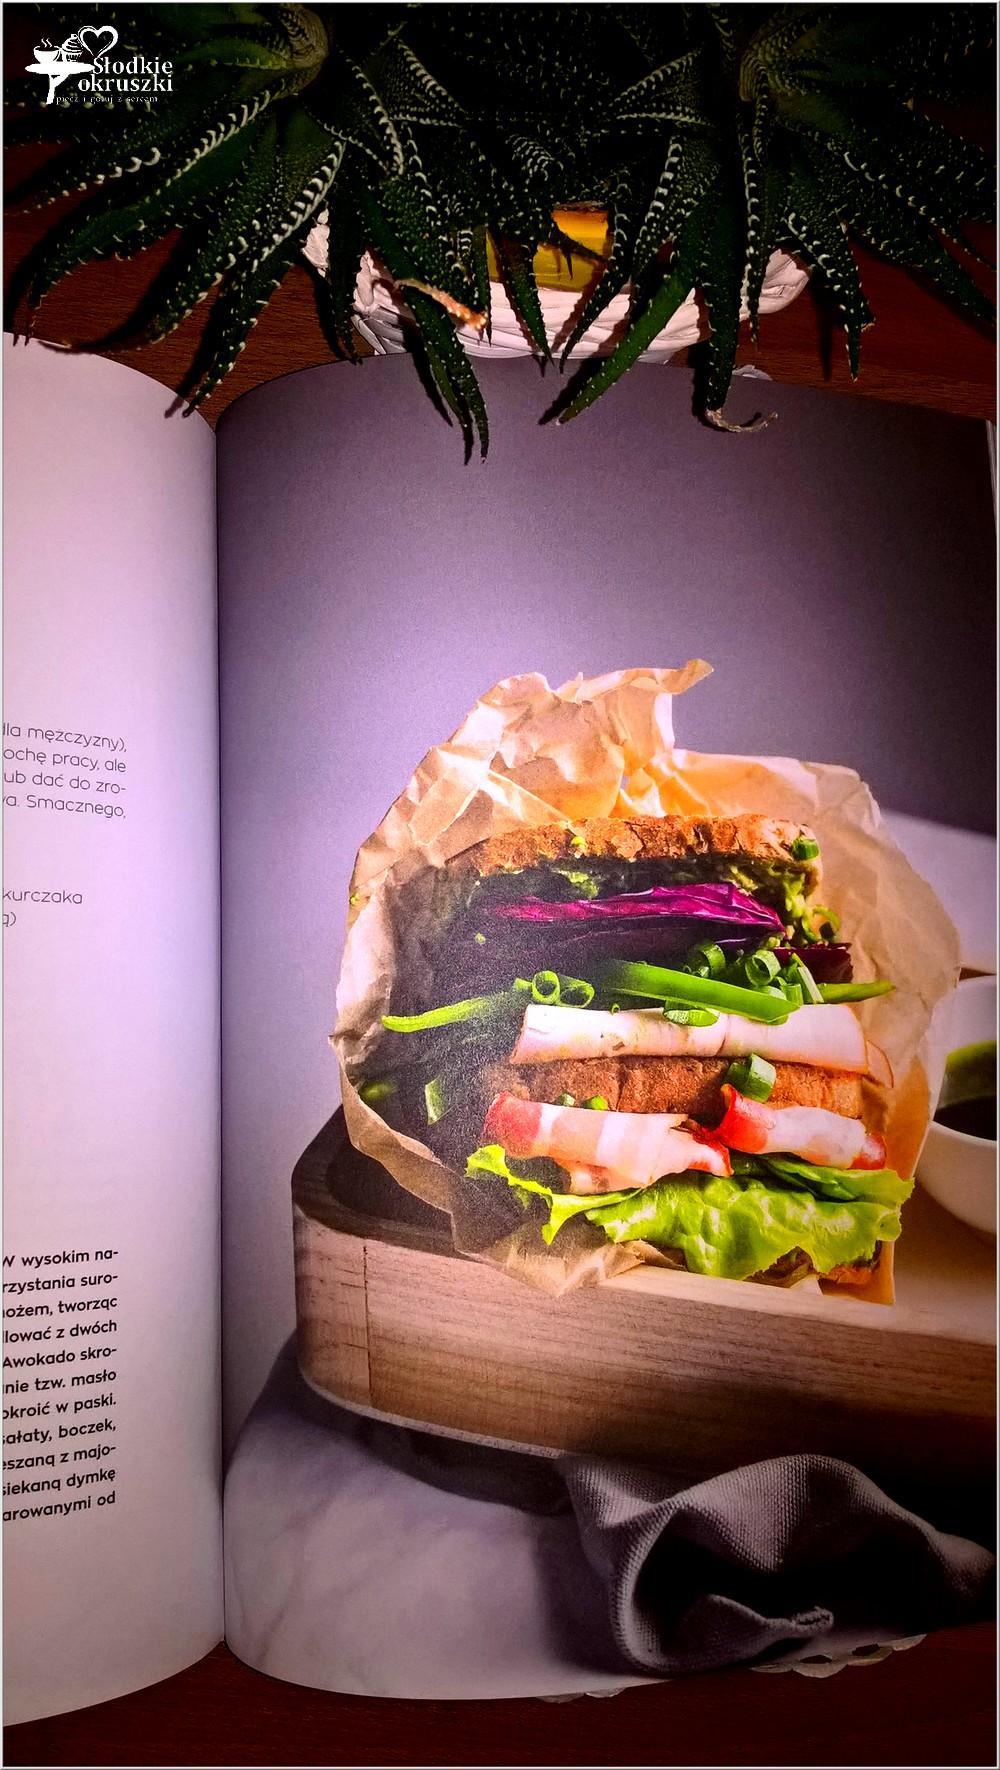 Pyszne poranki. 101 przepisów na smaczne i zdrowe śniadania (4)